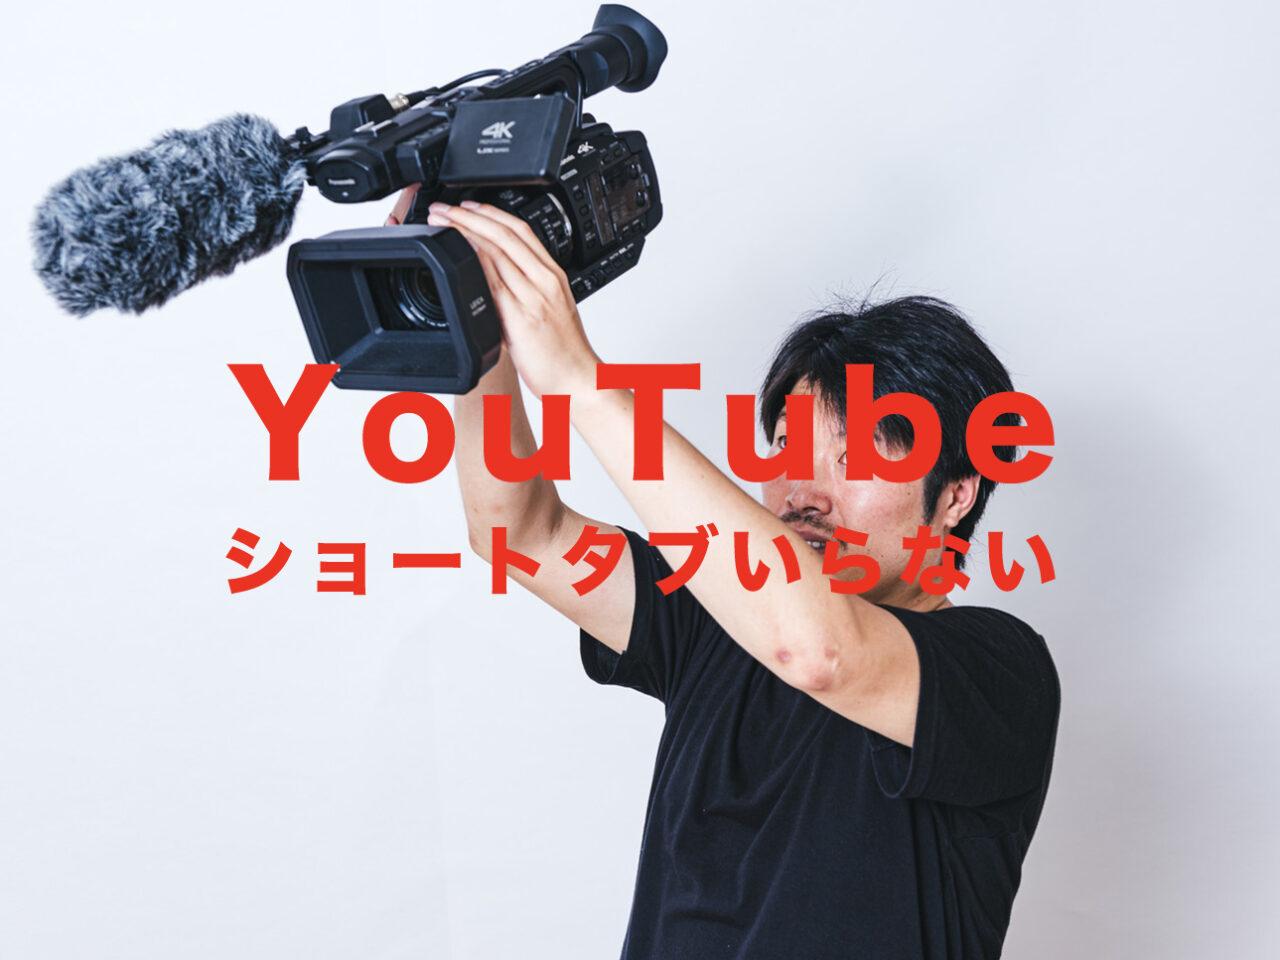 YouTubeアプリでショートタブ(ボタン)がいらない!戻す方法や消す方法はある?のサムネイル画像